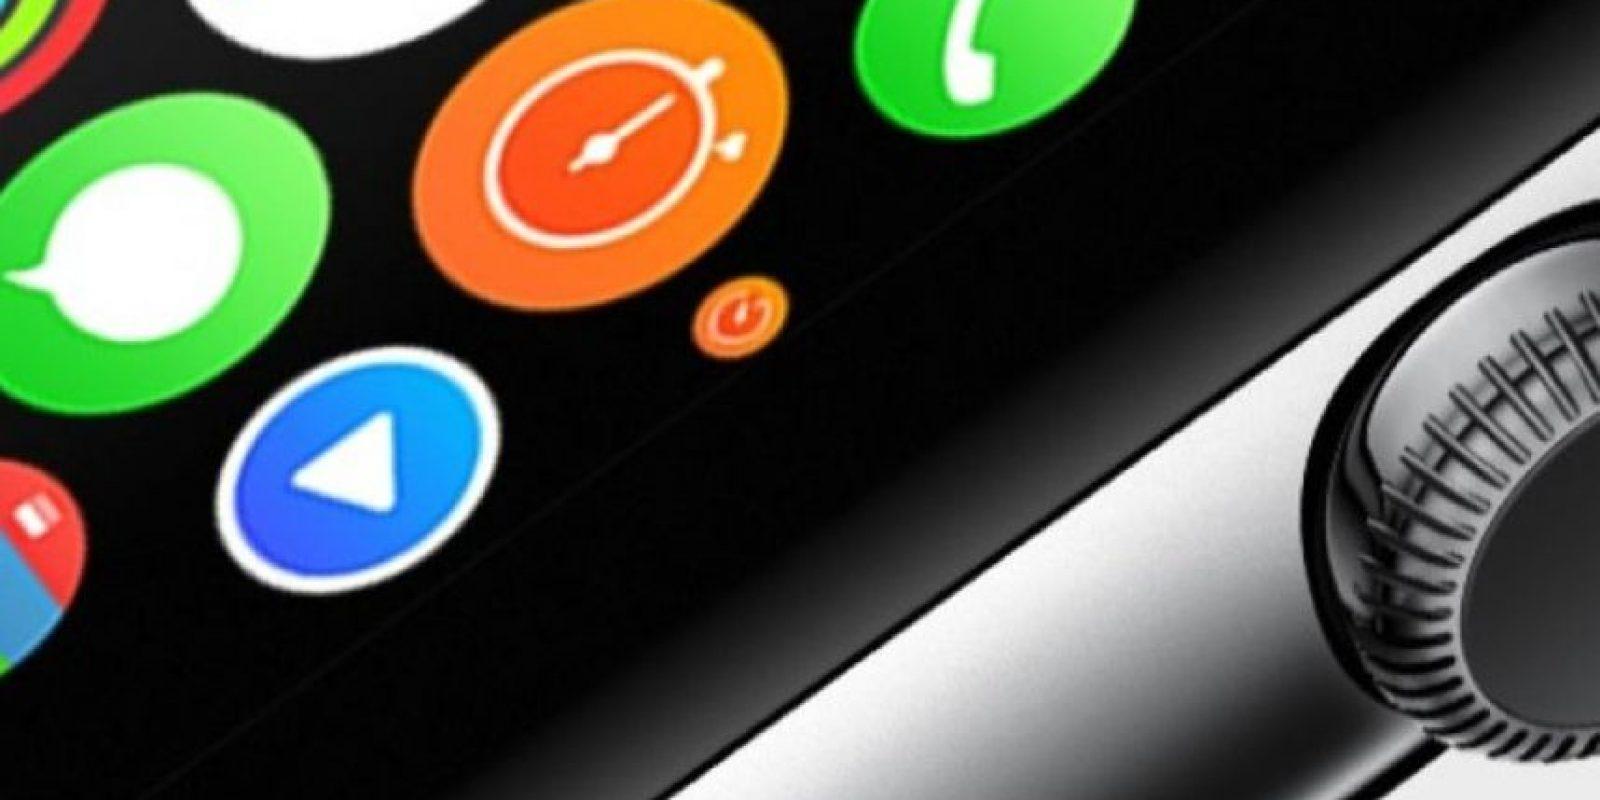 La edición básica del Apple Watch cuesta 349 dólares, pero su costo de fabricación es mucho menor. Foto:Apple